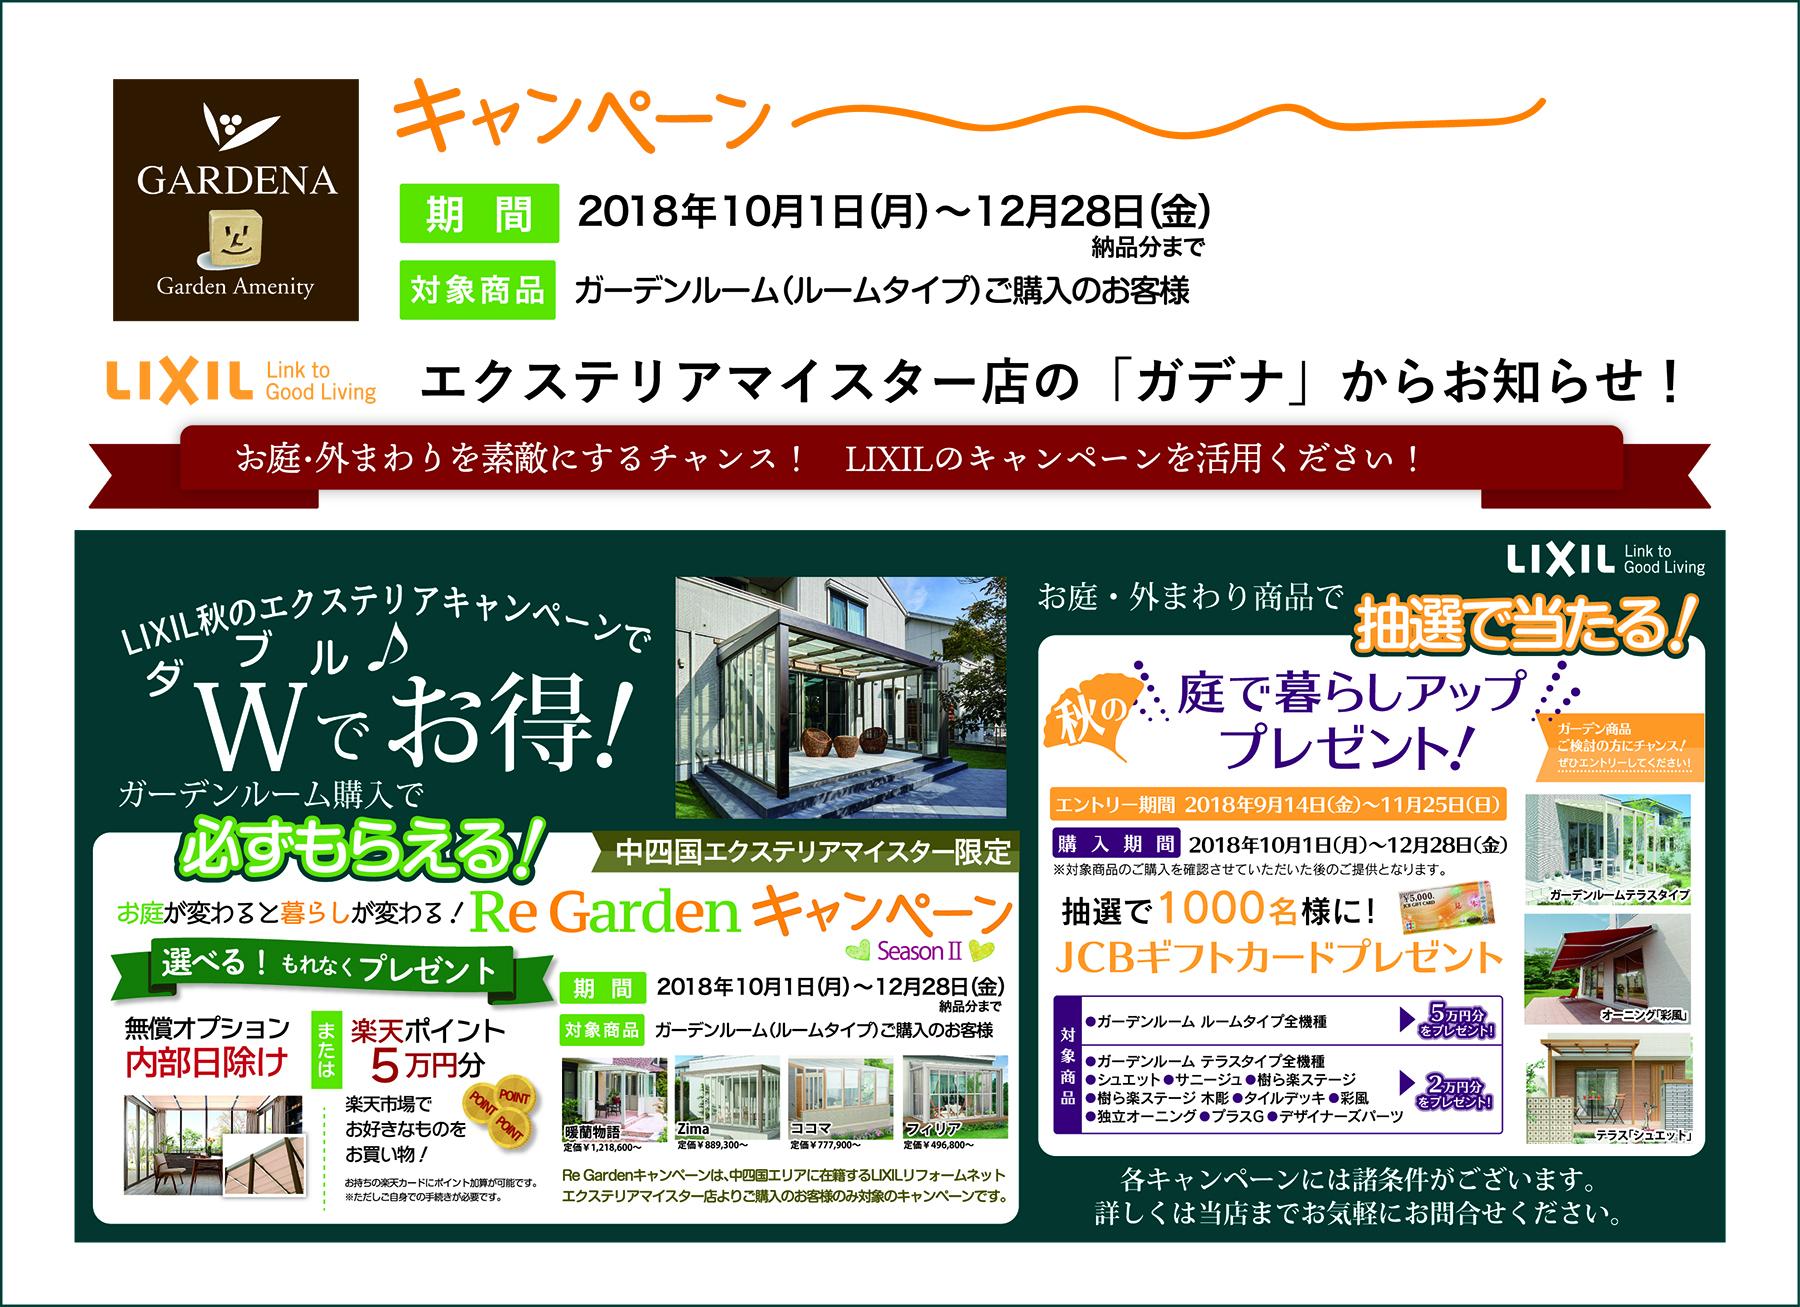 ガデナ 秋キャンペーン28-10